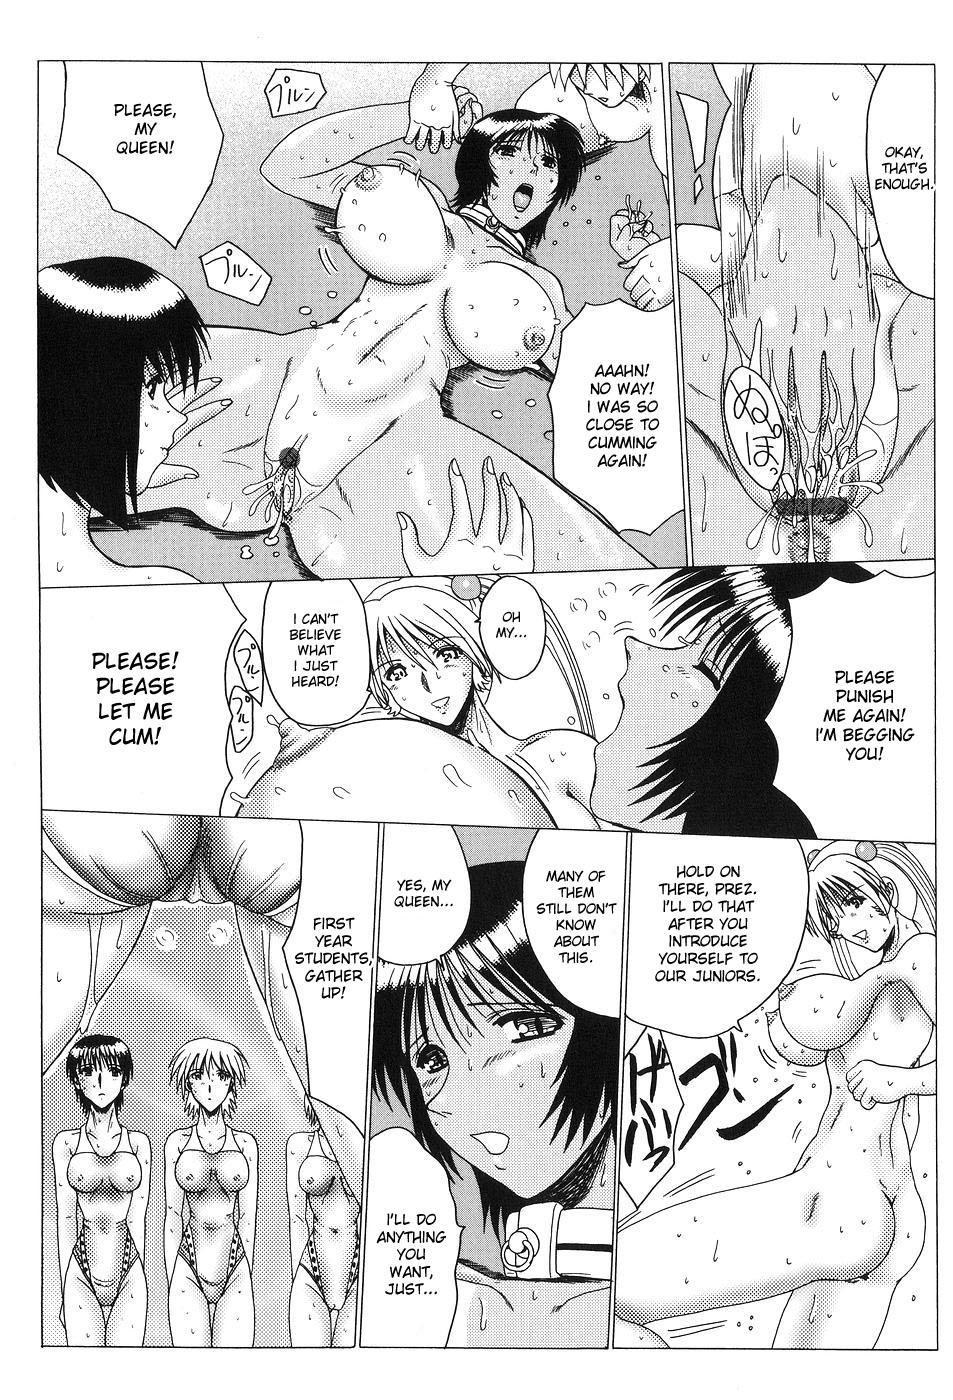 [Onibara] Roshutsu Mazo to Nikutai Joousama - Queen & Slave Ch. 1-5 [English] [desudesu] 79